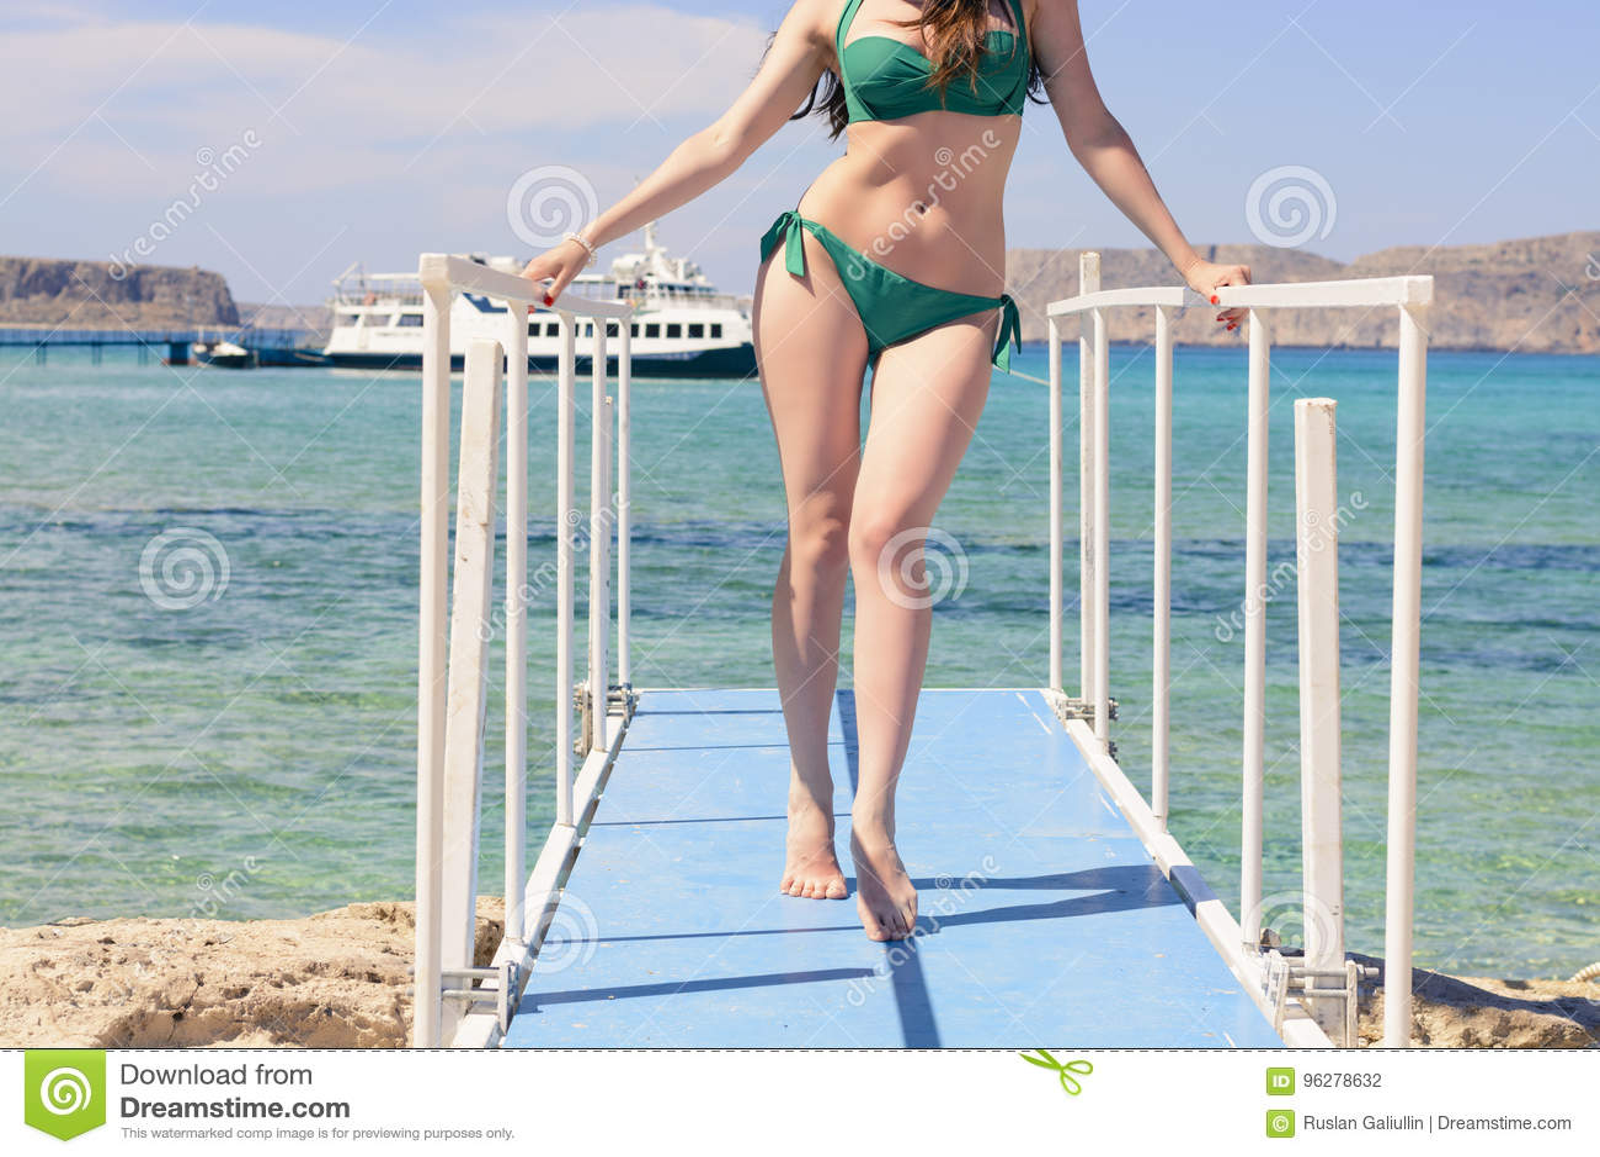 Giovane ragazza caucasica in un costume da bagno verde sul pilastro blu, dal mare ionico blu del fondo, Balos, Grecia